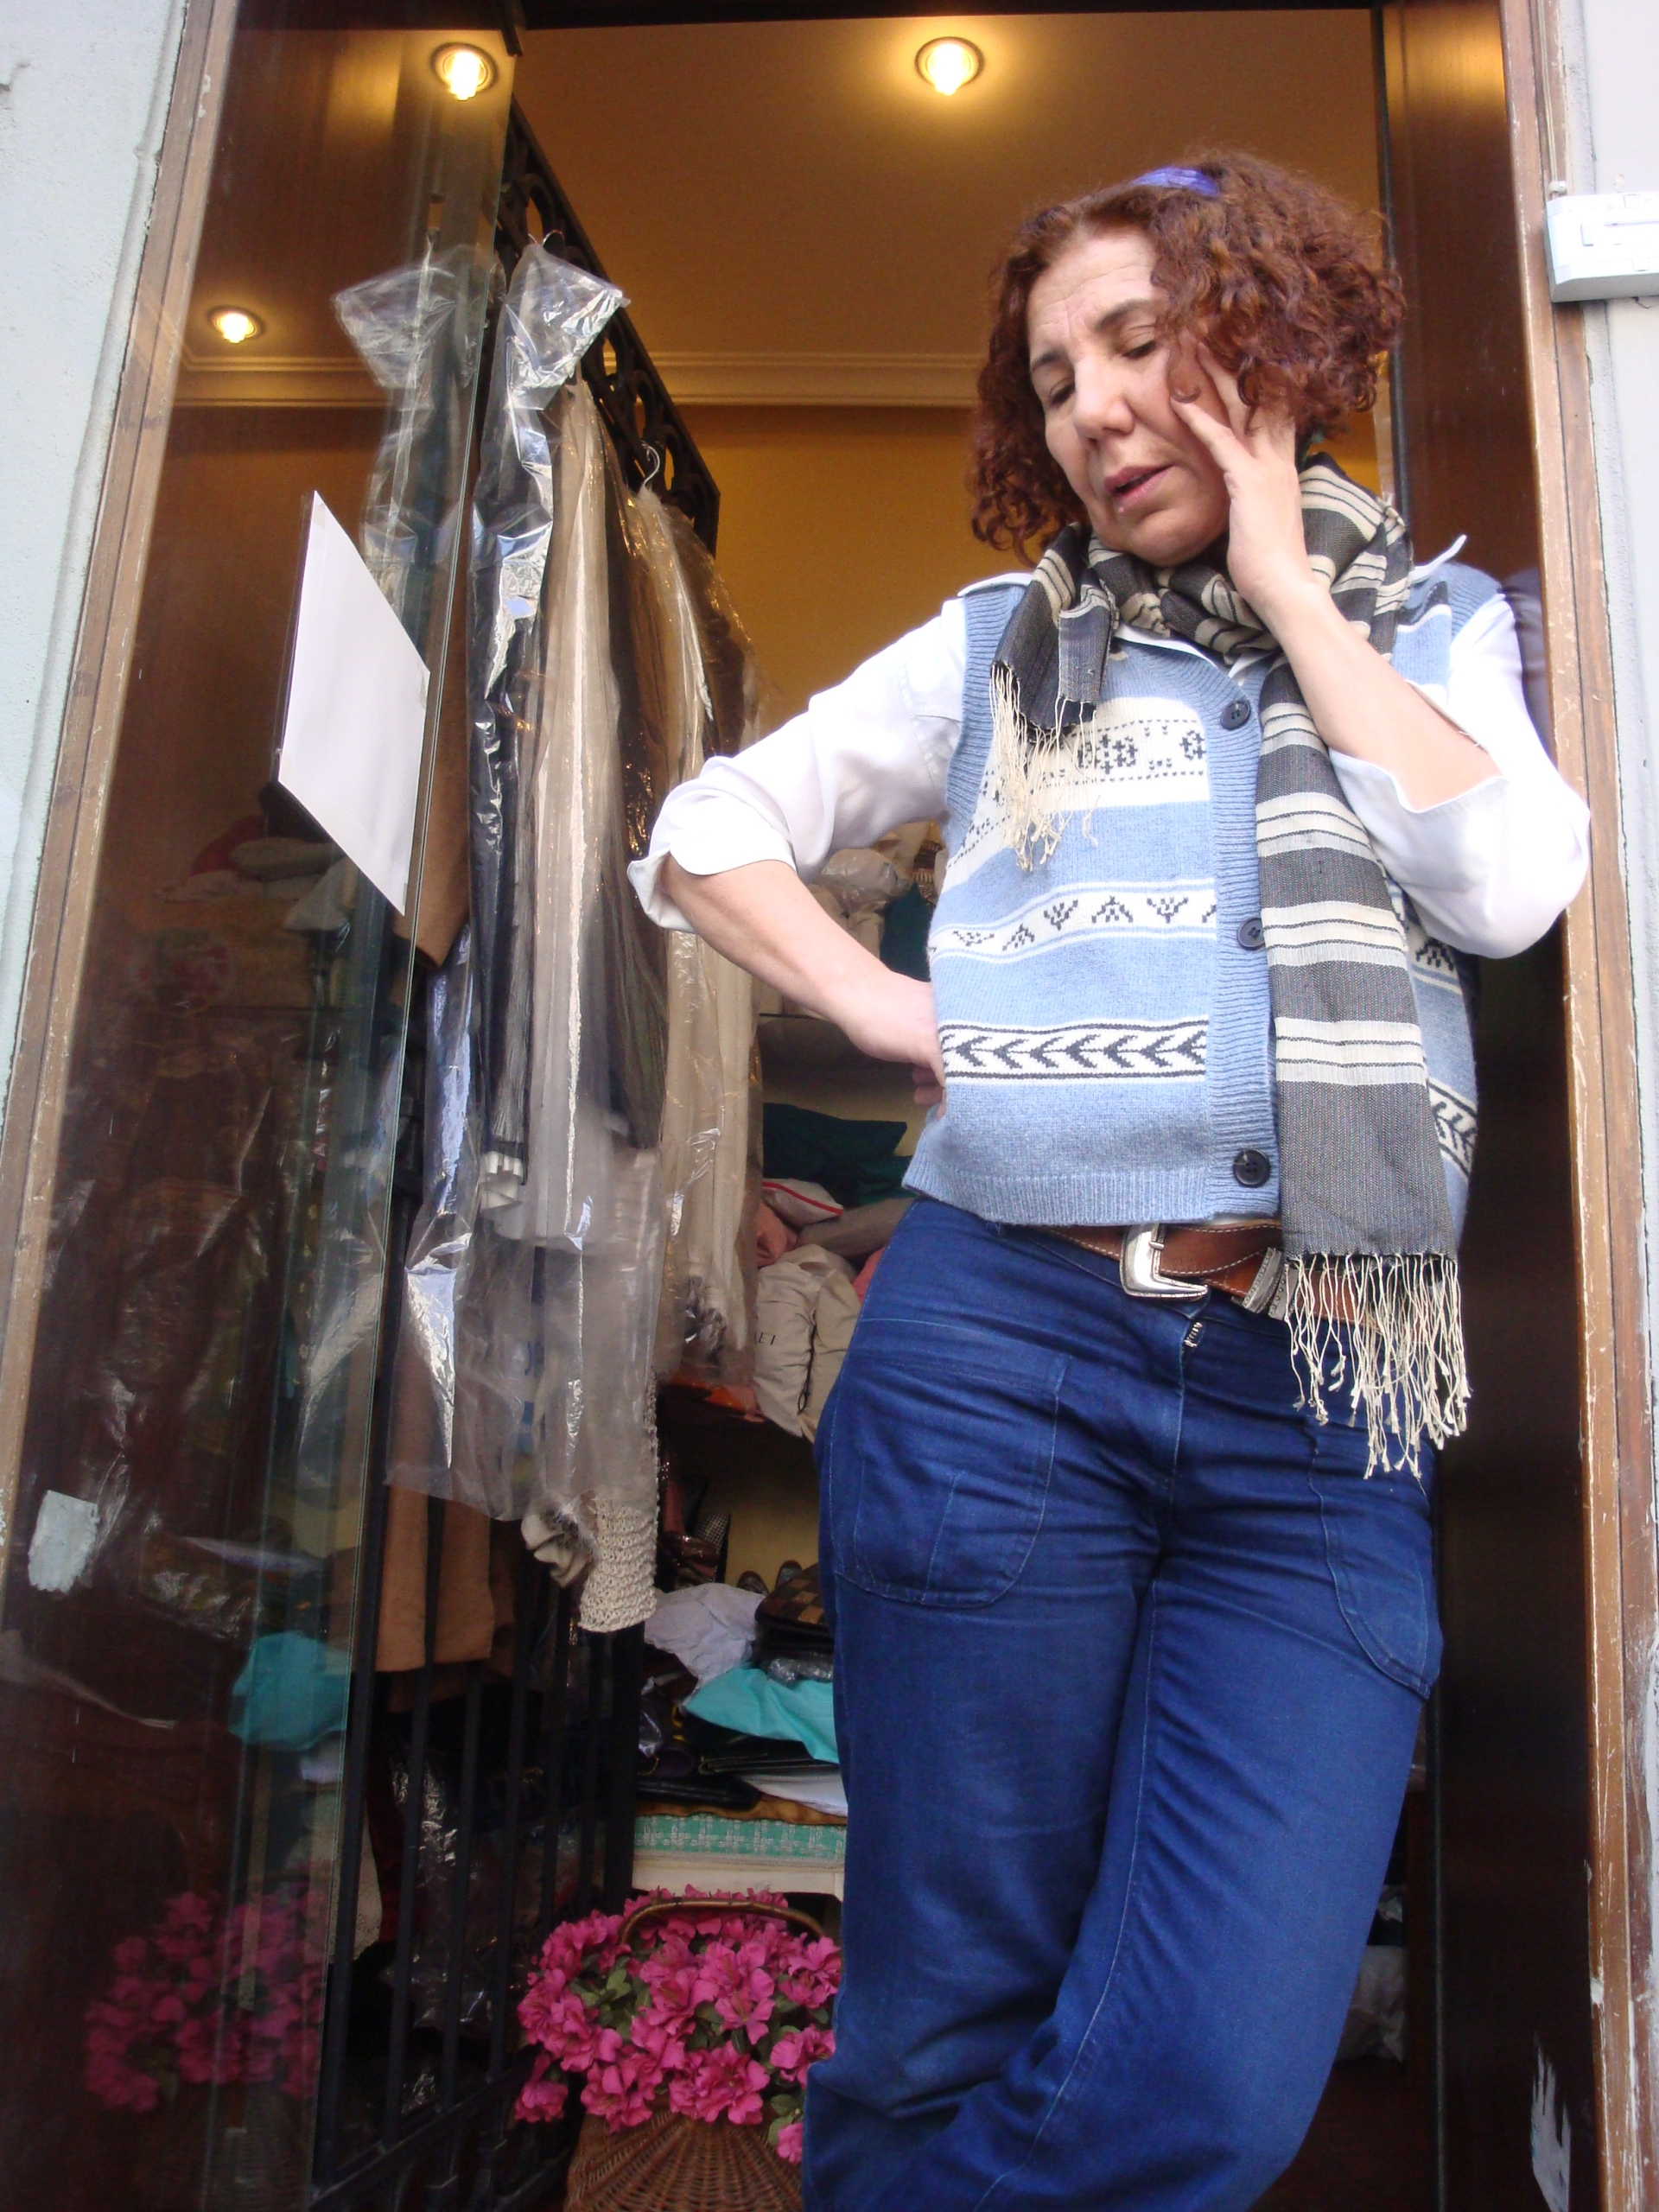 cukurcuma vintage shop